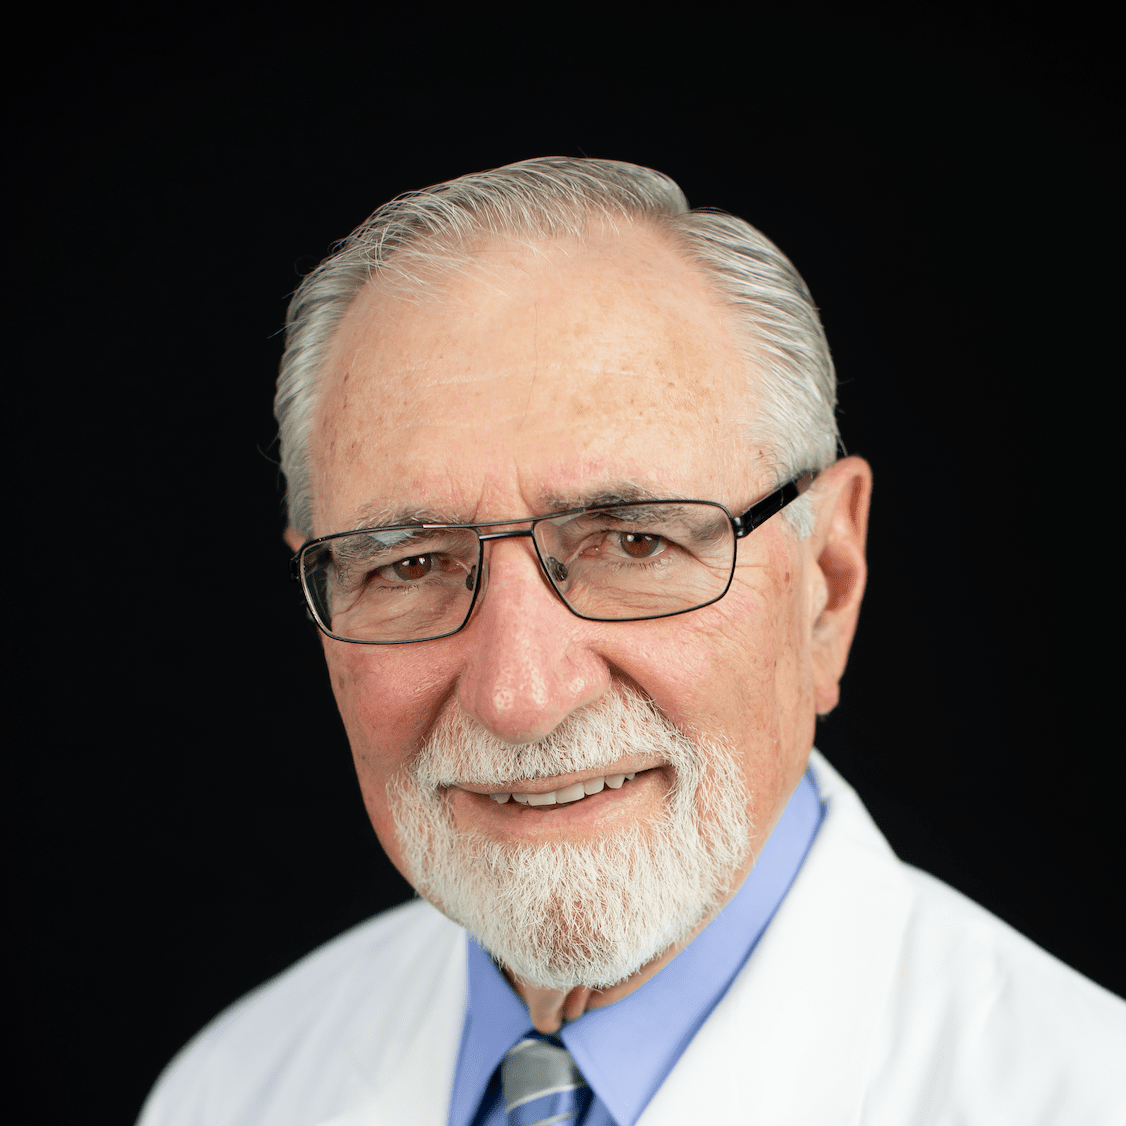 Dr. James Davidian